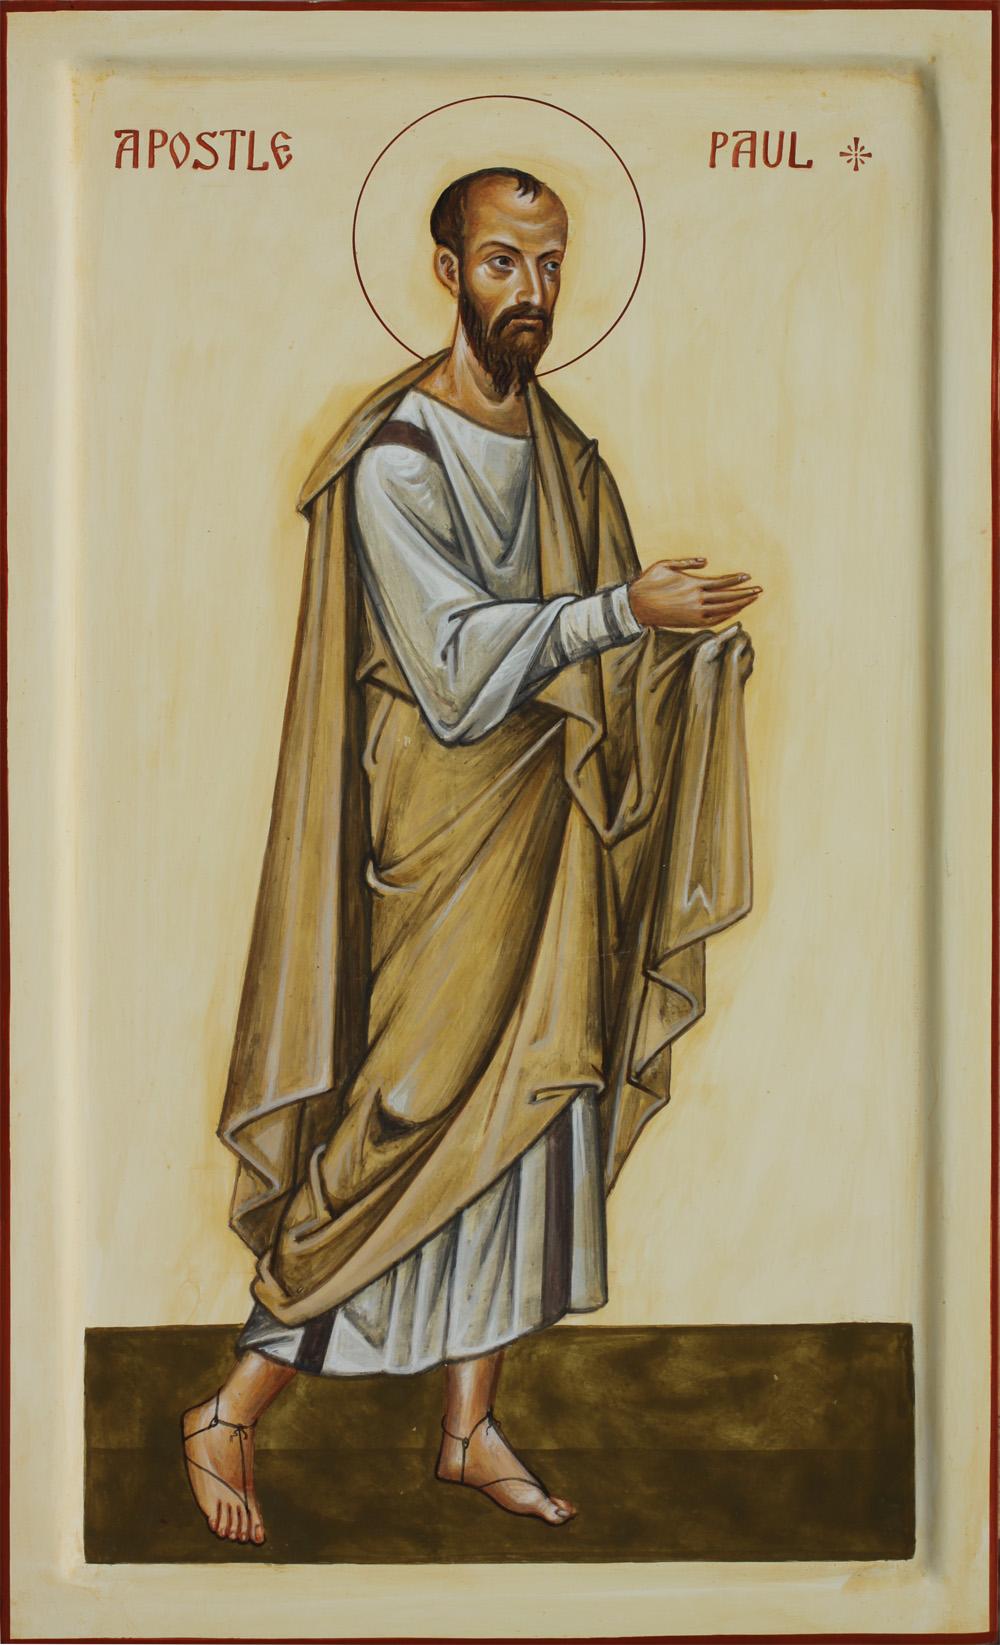 San Paolo Apostolo dans IMMAGINI (DI SAN PAOLO, DEI VIAGGI, ALTRE SUL TEMA) apostle-paul-zennon4